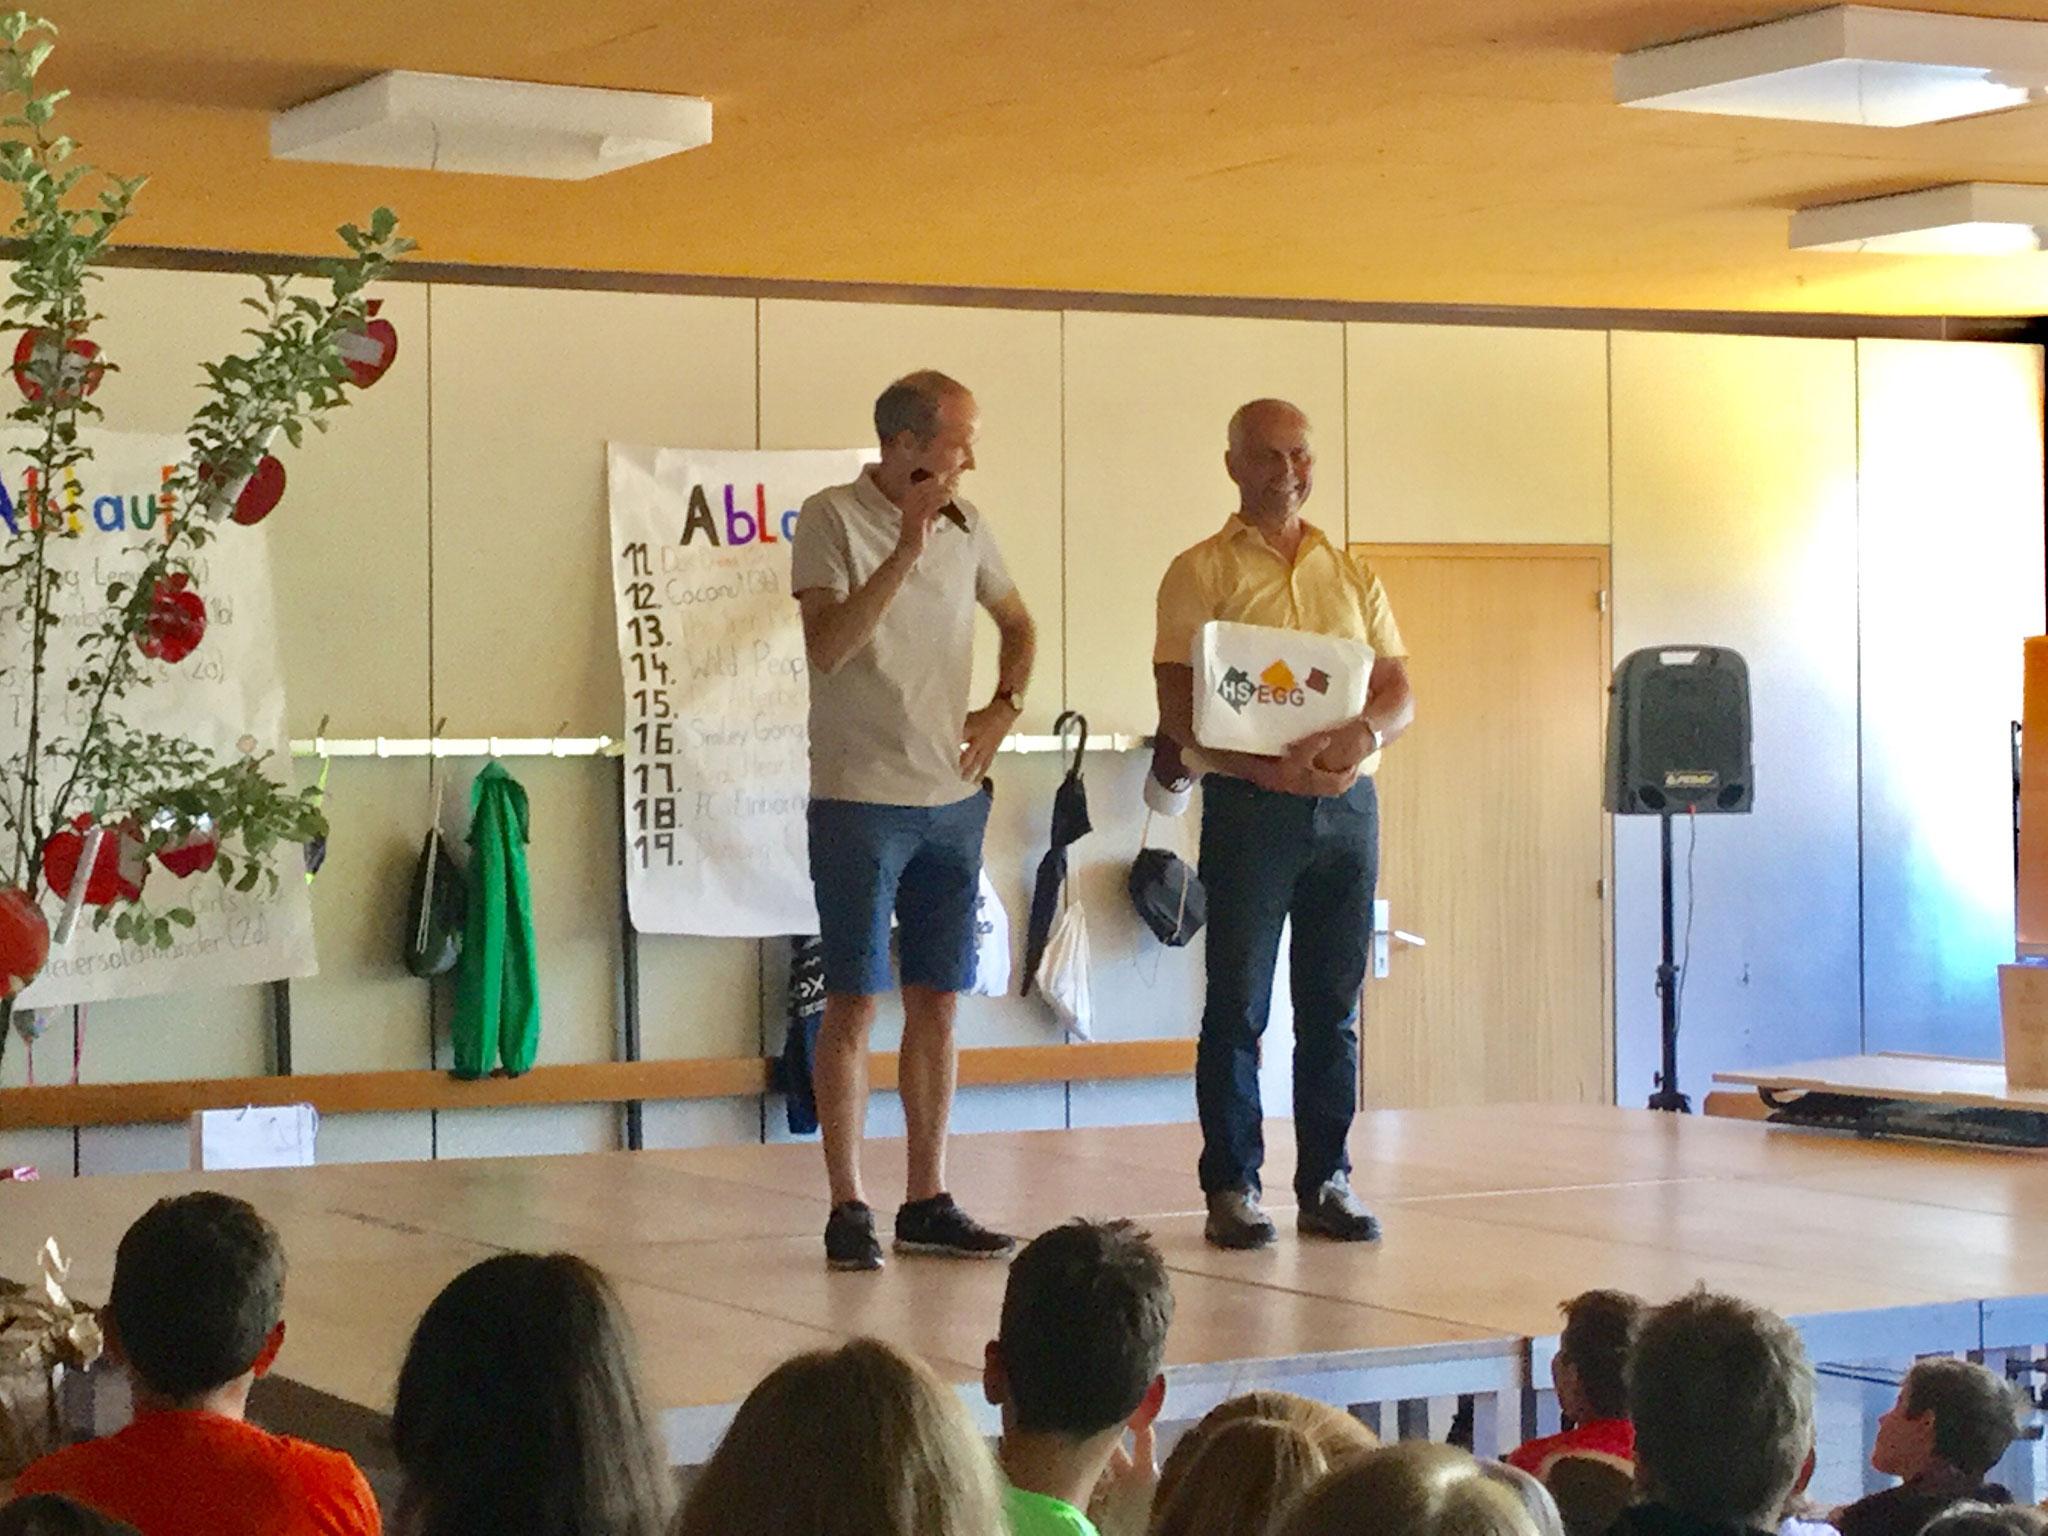 ein herzliches DANKE an Engelbert für seinen jahrelangen Einsatz  für Schüler, Lehrer, Eltern